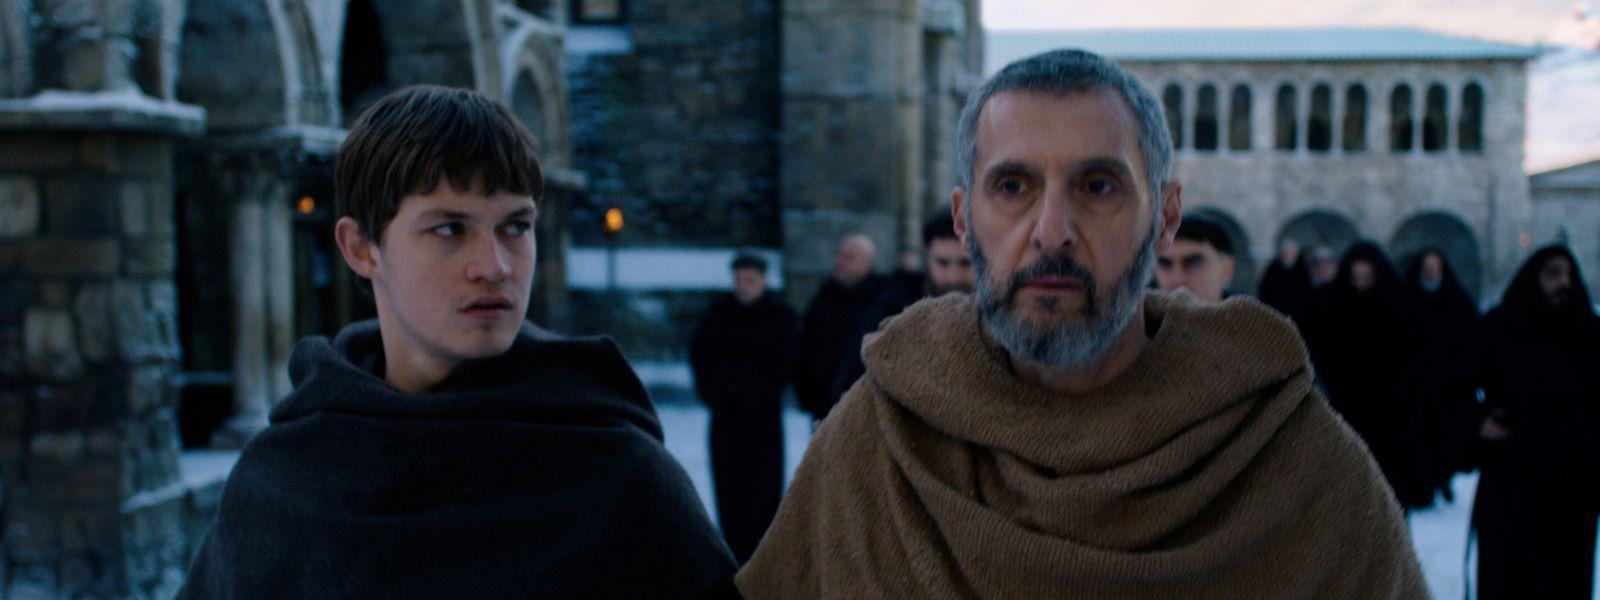 William von Baskerville – gespielt von John Turturro (r.) – und Adson von Melk (Damian Hartung) gehen im Kloster auf Mörderjagd.